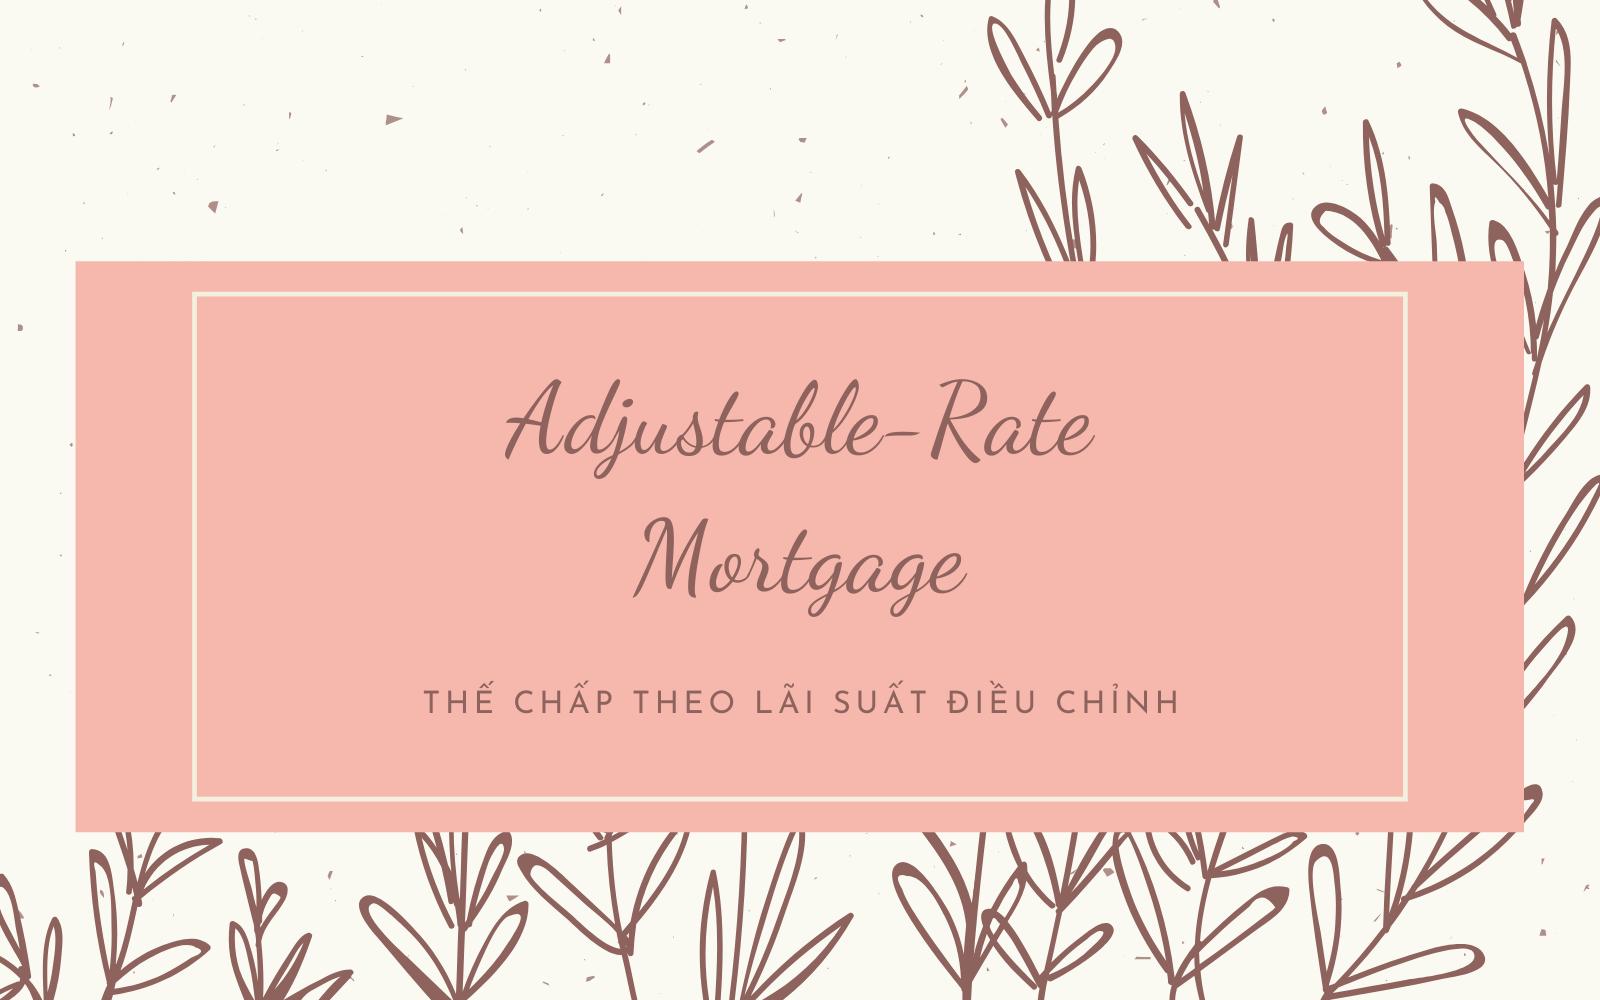 Thế chấp theo lãi suất điều chỉnh (Adjustable-Rate Mortgage - ARM) là gì? - Ảnh 1.